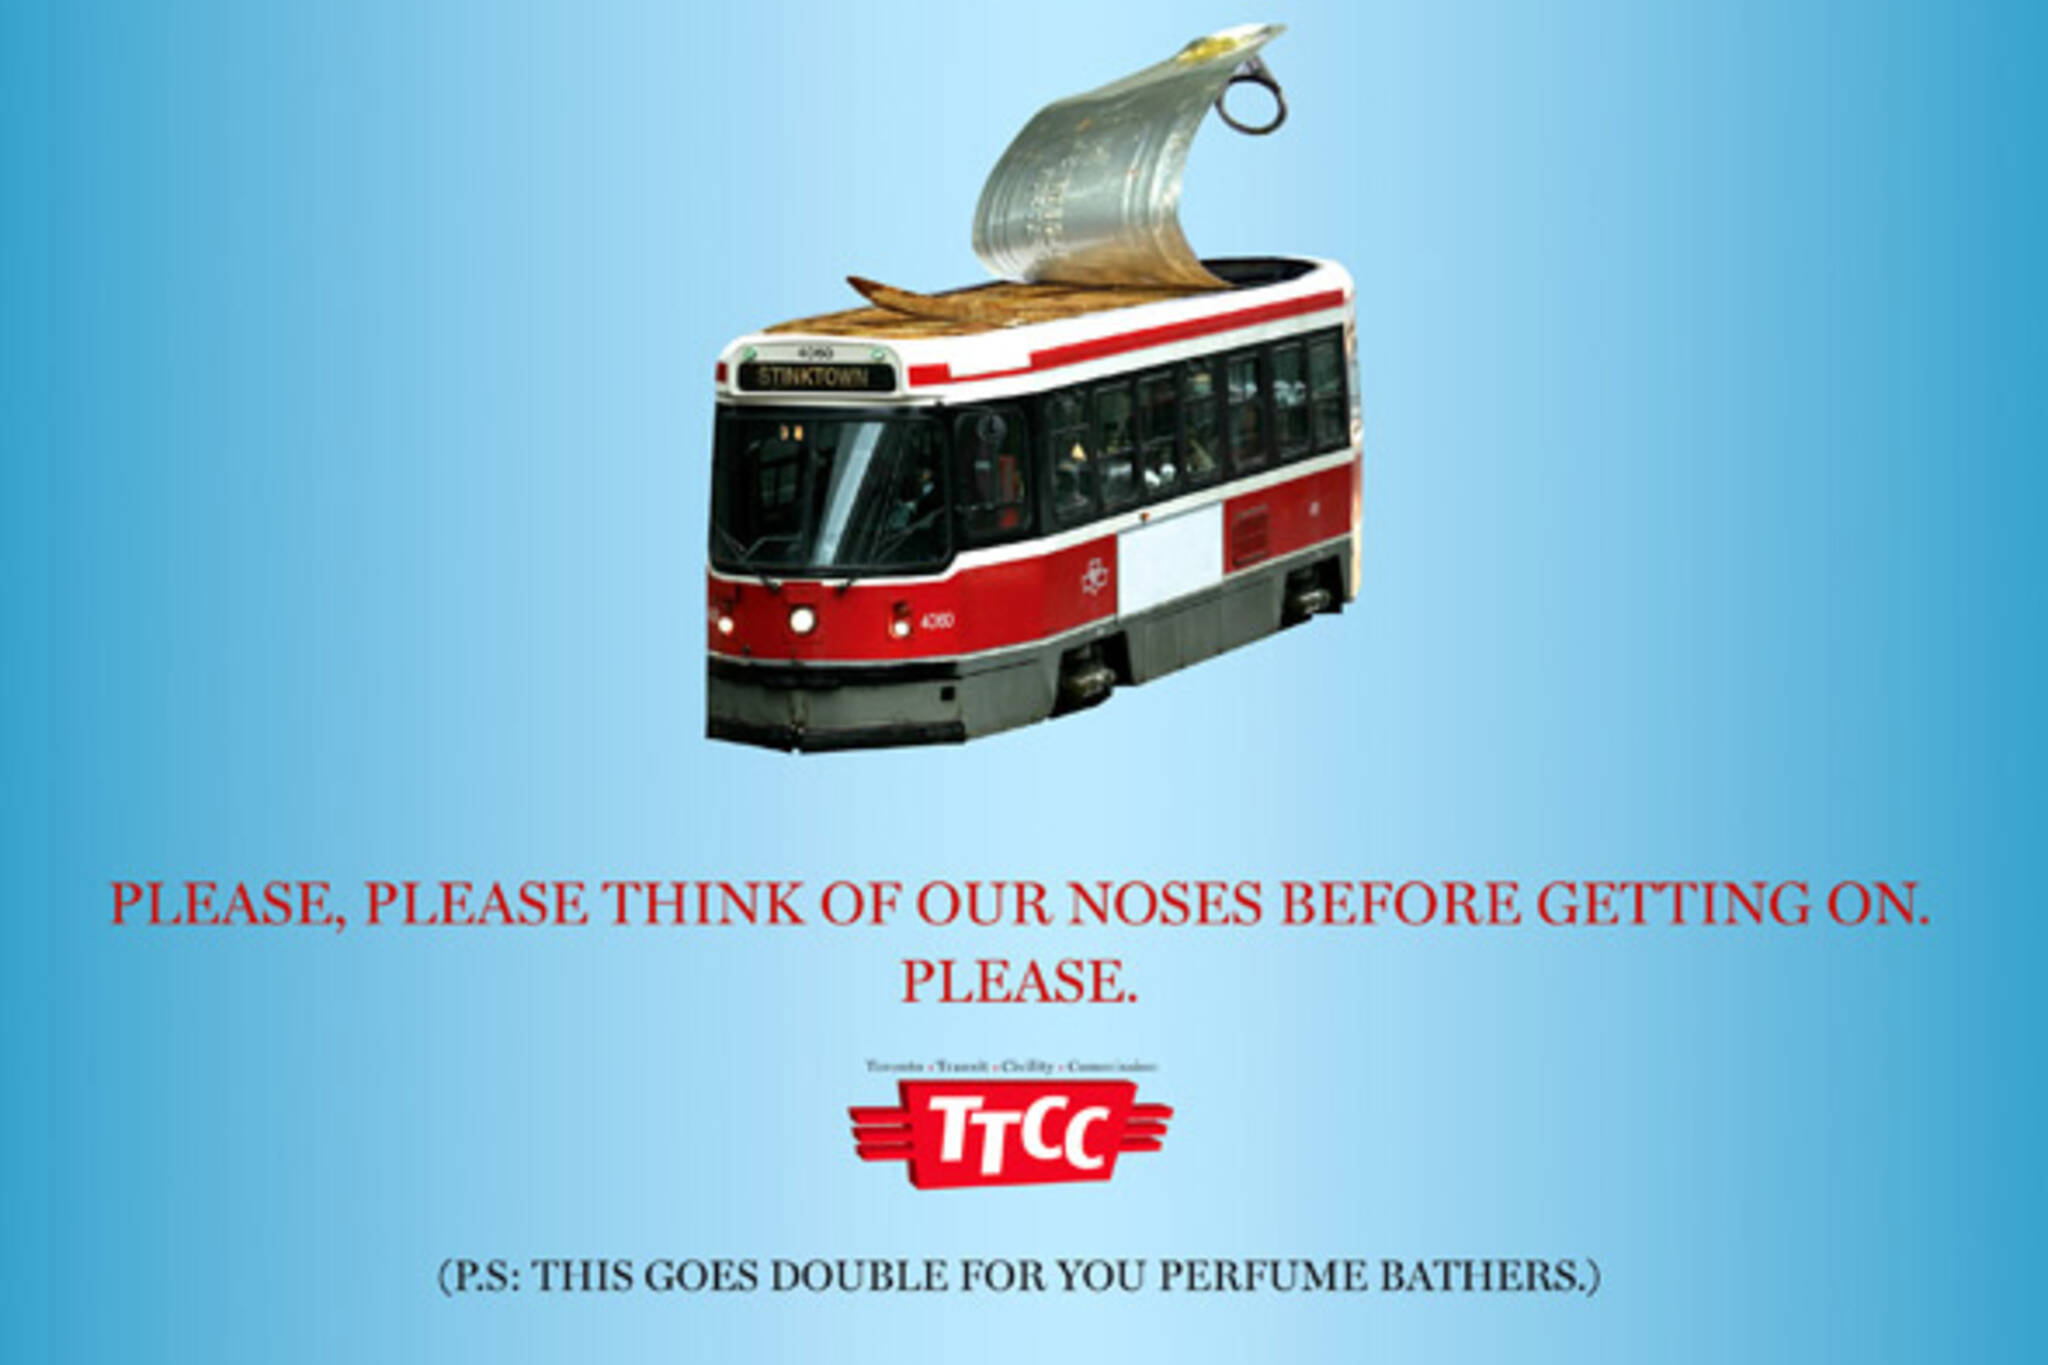 TTC etiquette posters